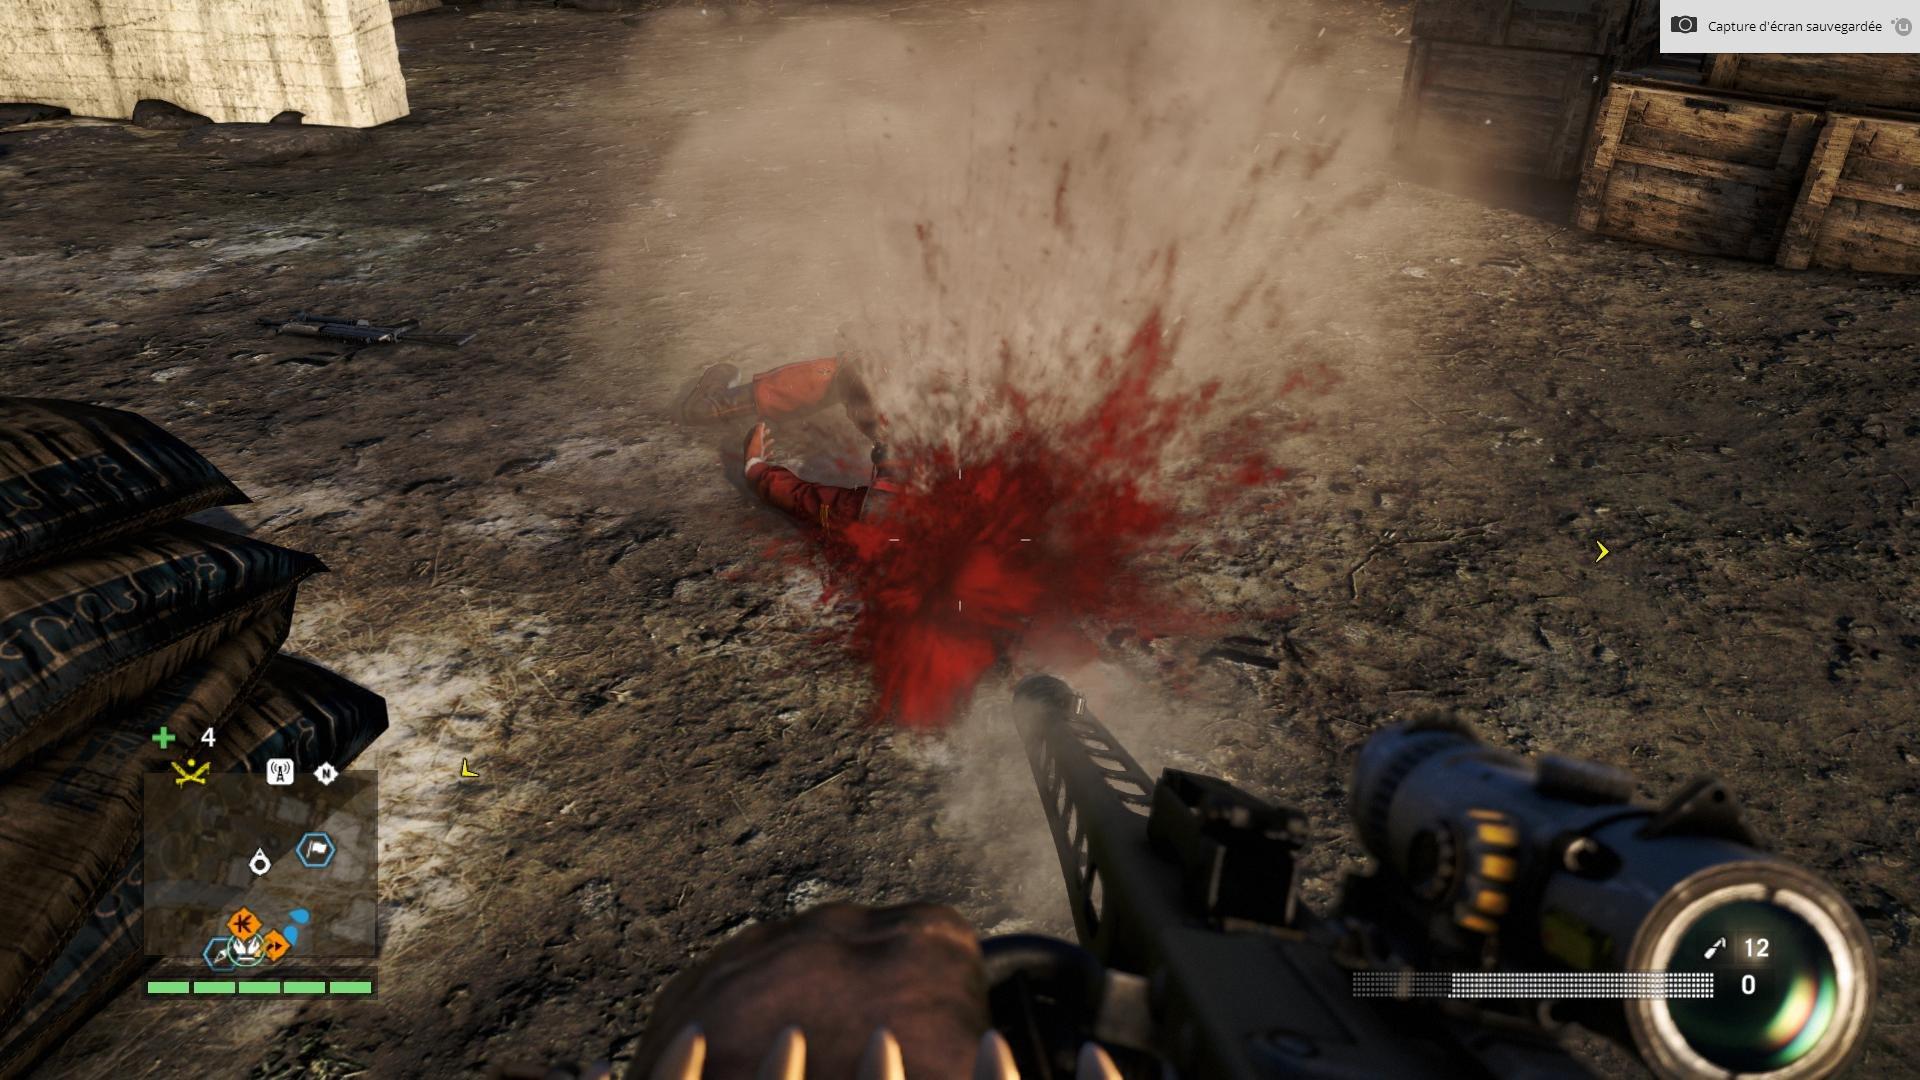 Far  Cry 4 - Page 2 C4f4dcd2-bfeb-4db2-a7cc-088afeabd6f0